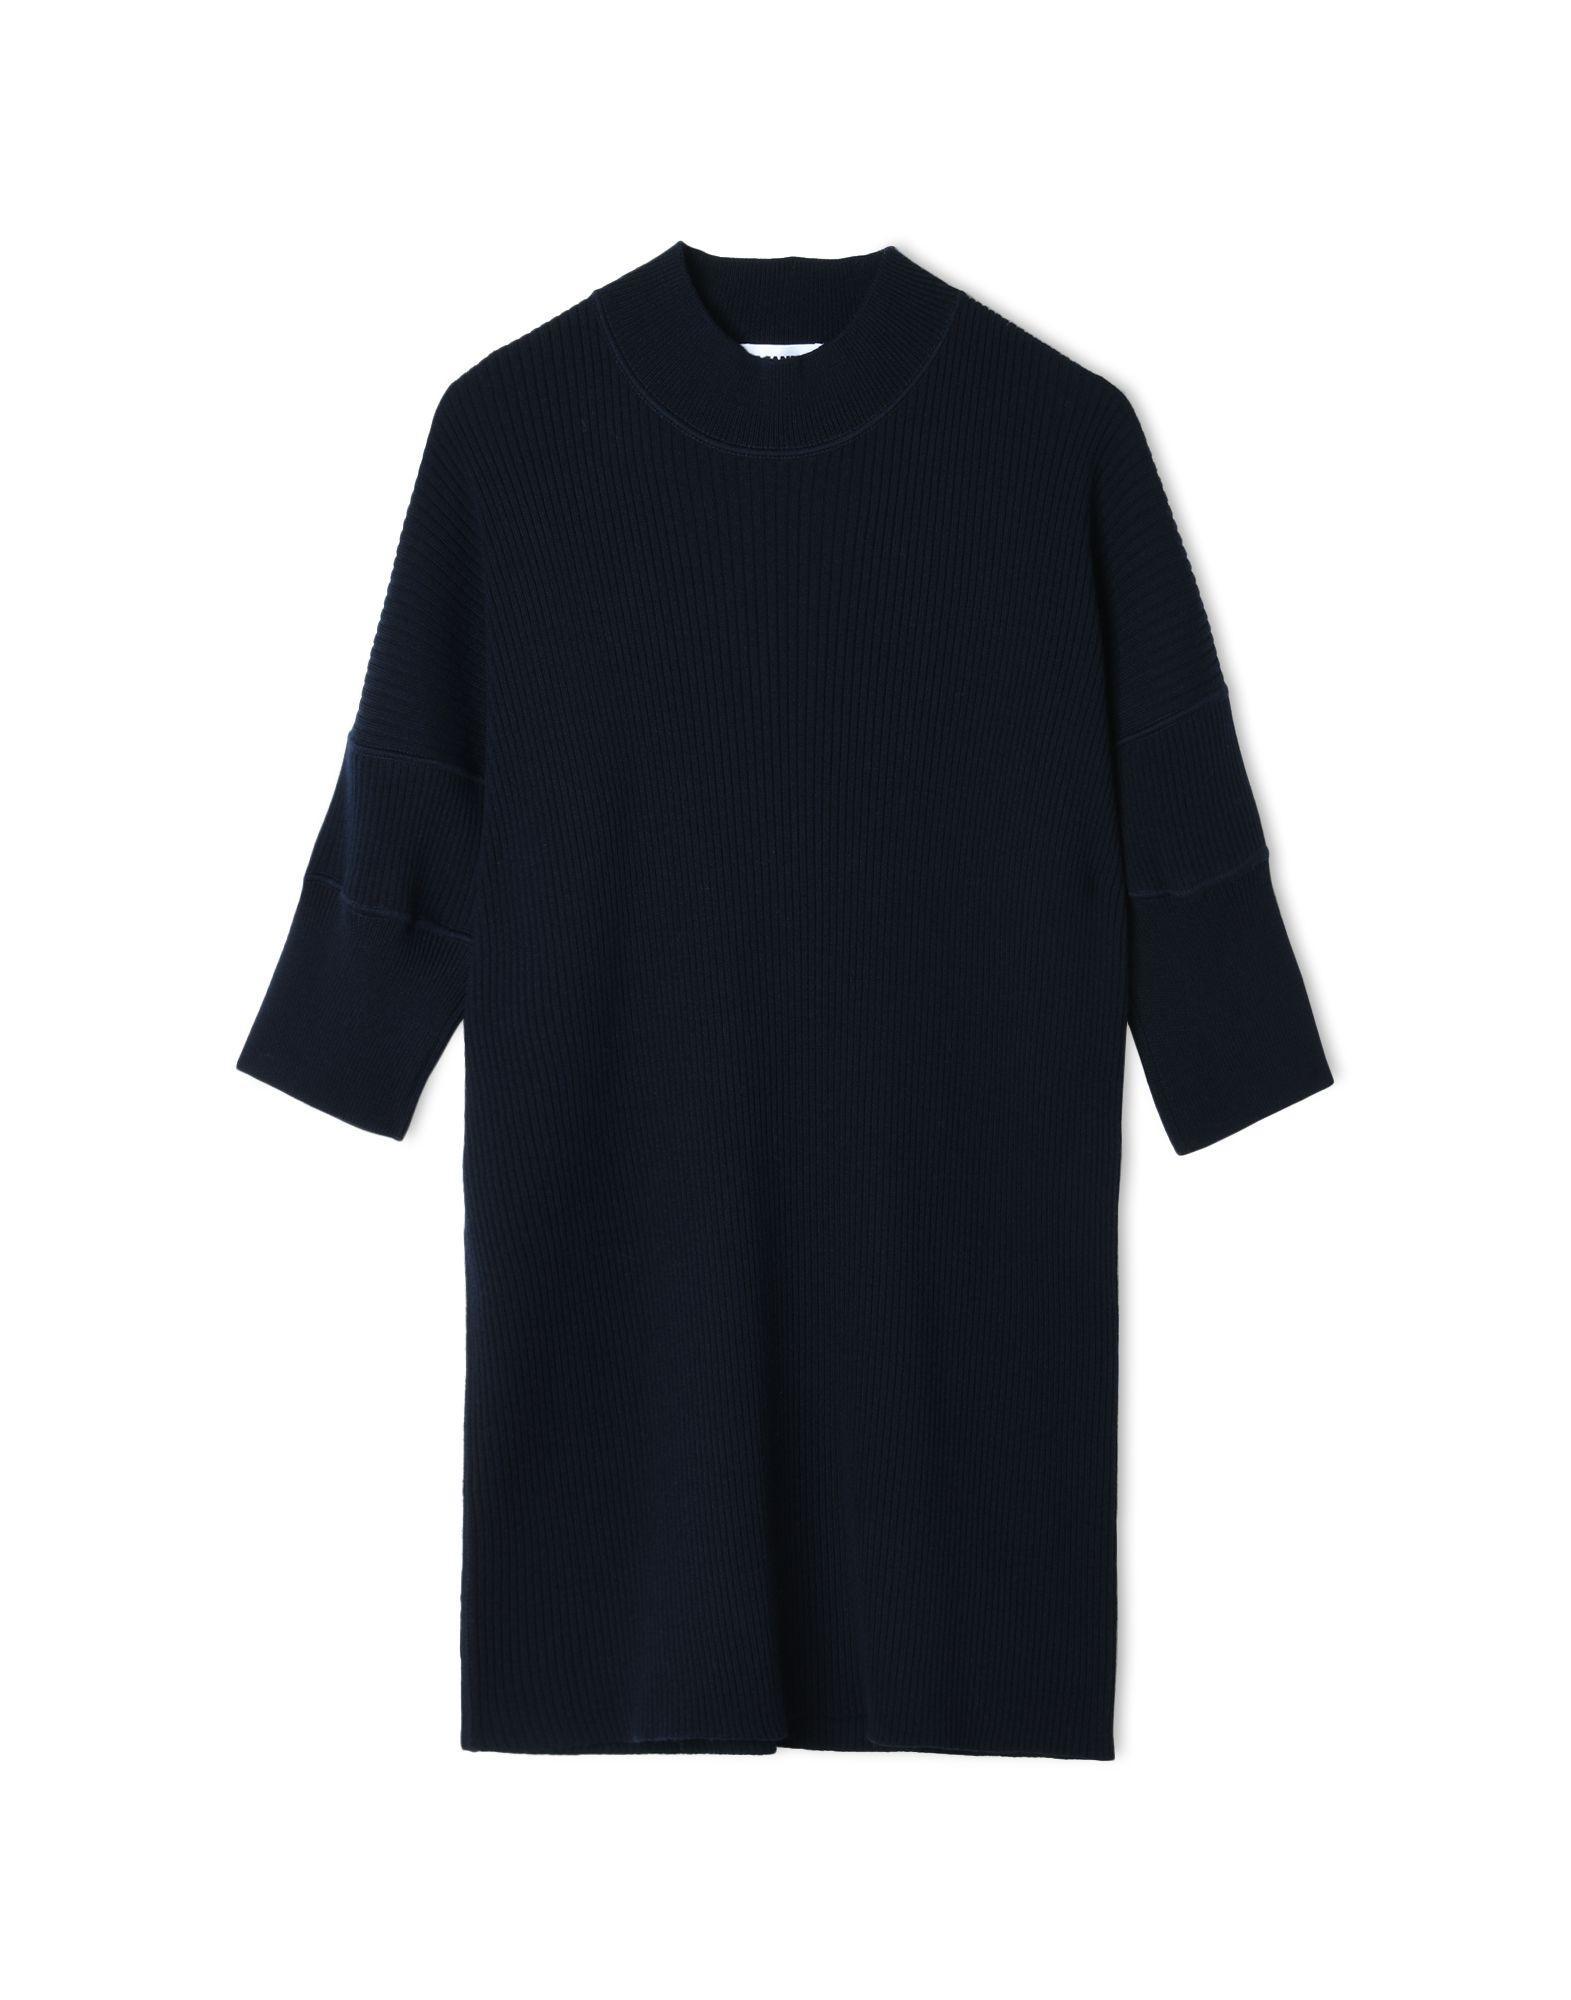 Jil Sander Sweater - Dark Blue